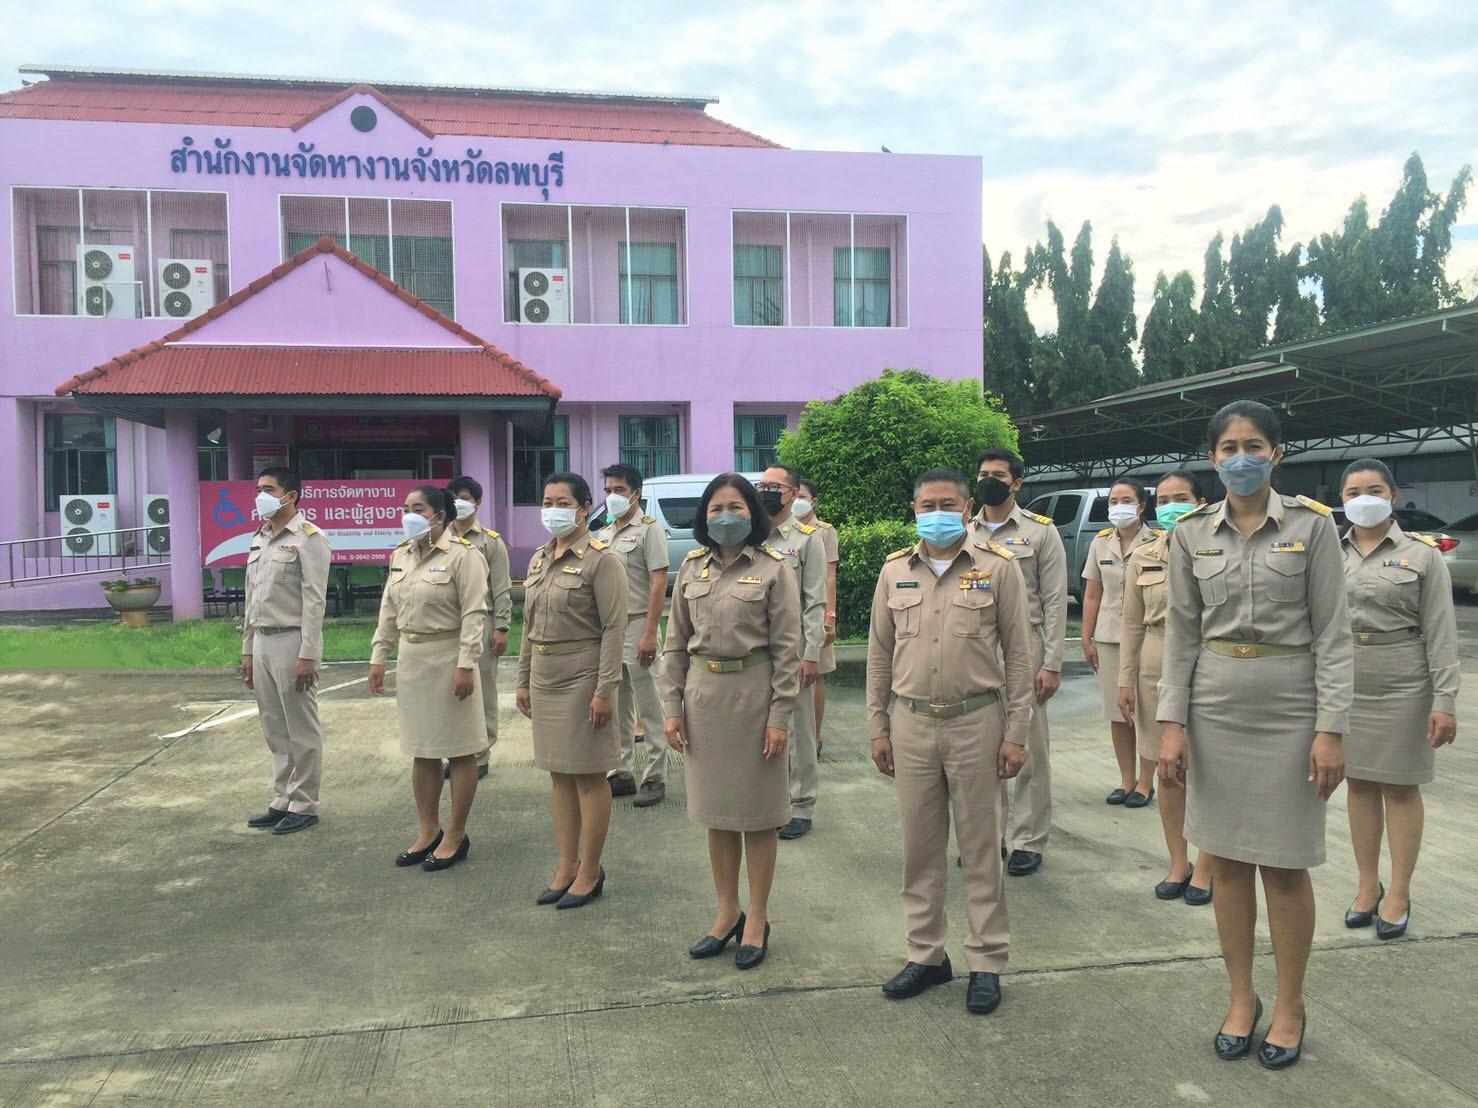 กิจกรรมวันพระราชทานธงชาติไทย 28 กันยายน (Thai National Flag Day) ประจำปี 2564